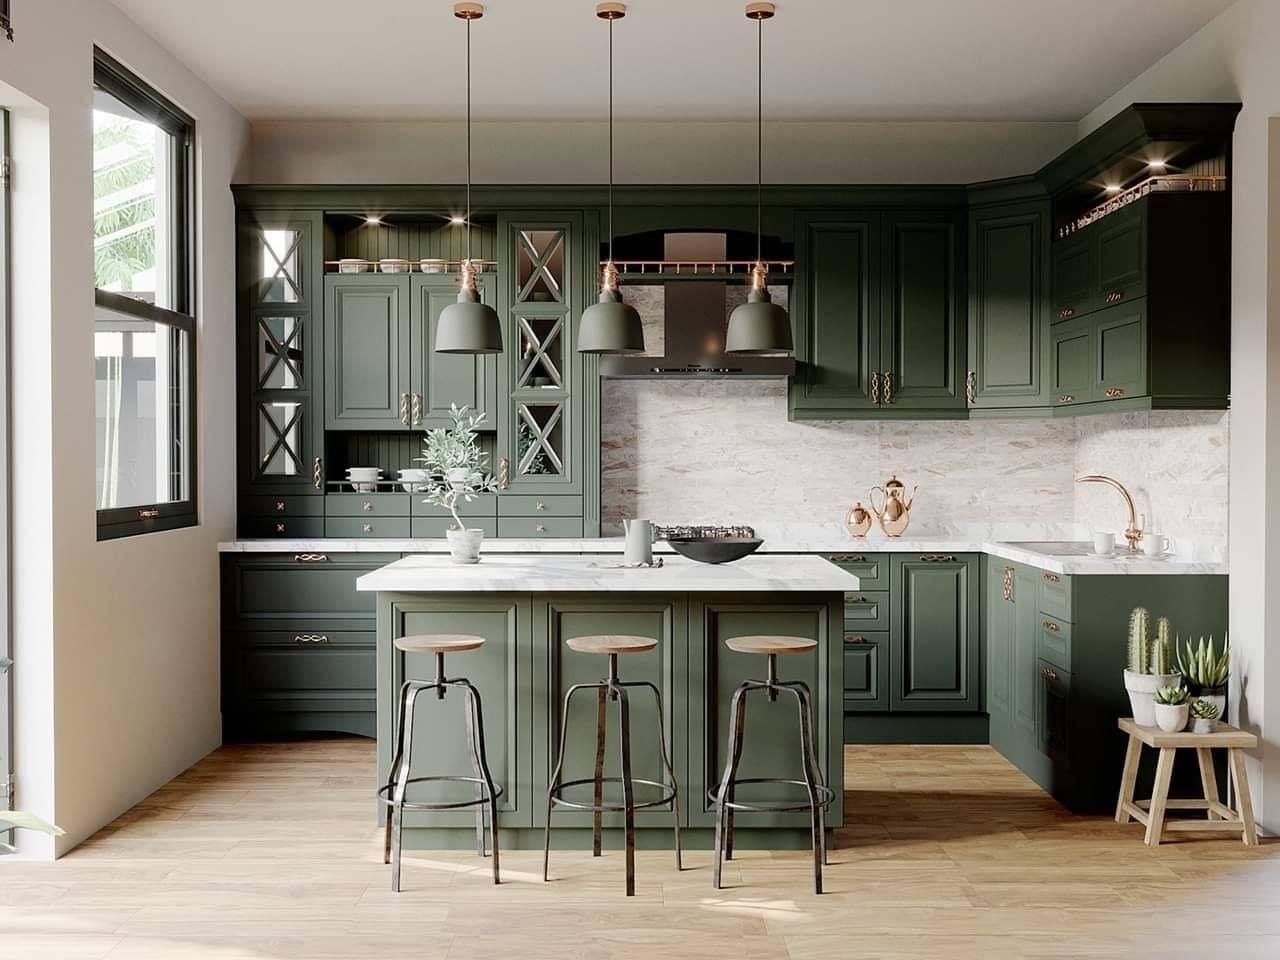 Một thiết kế mang hơi hướng cổ điển với sắc xanh dịu dàng